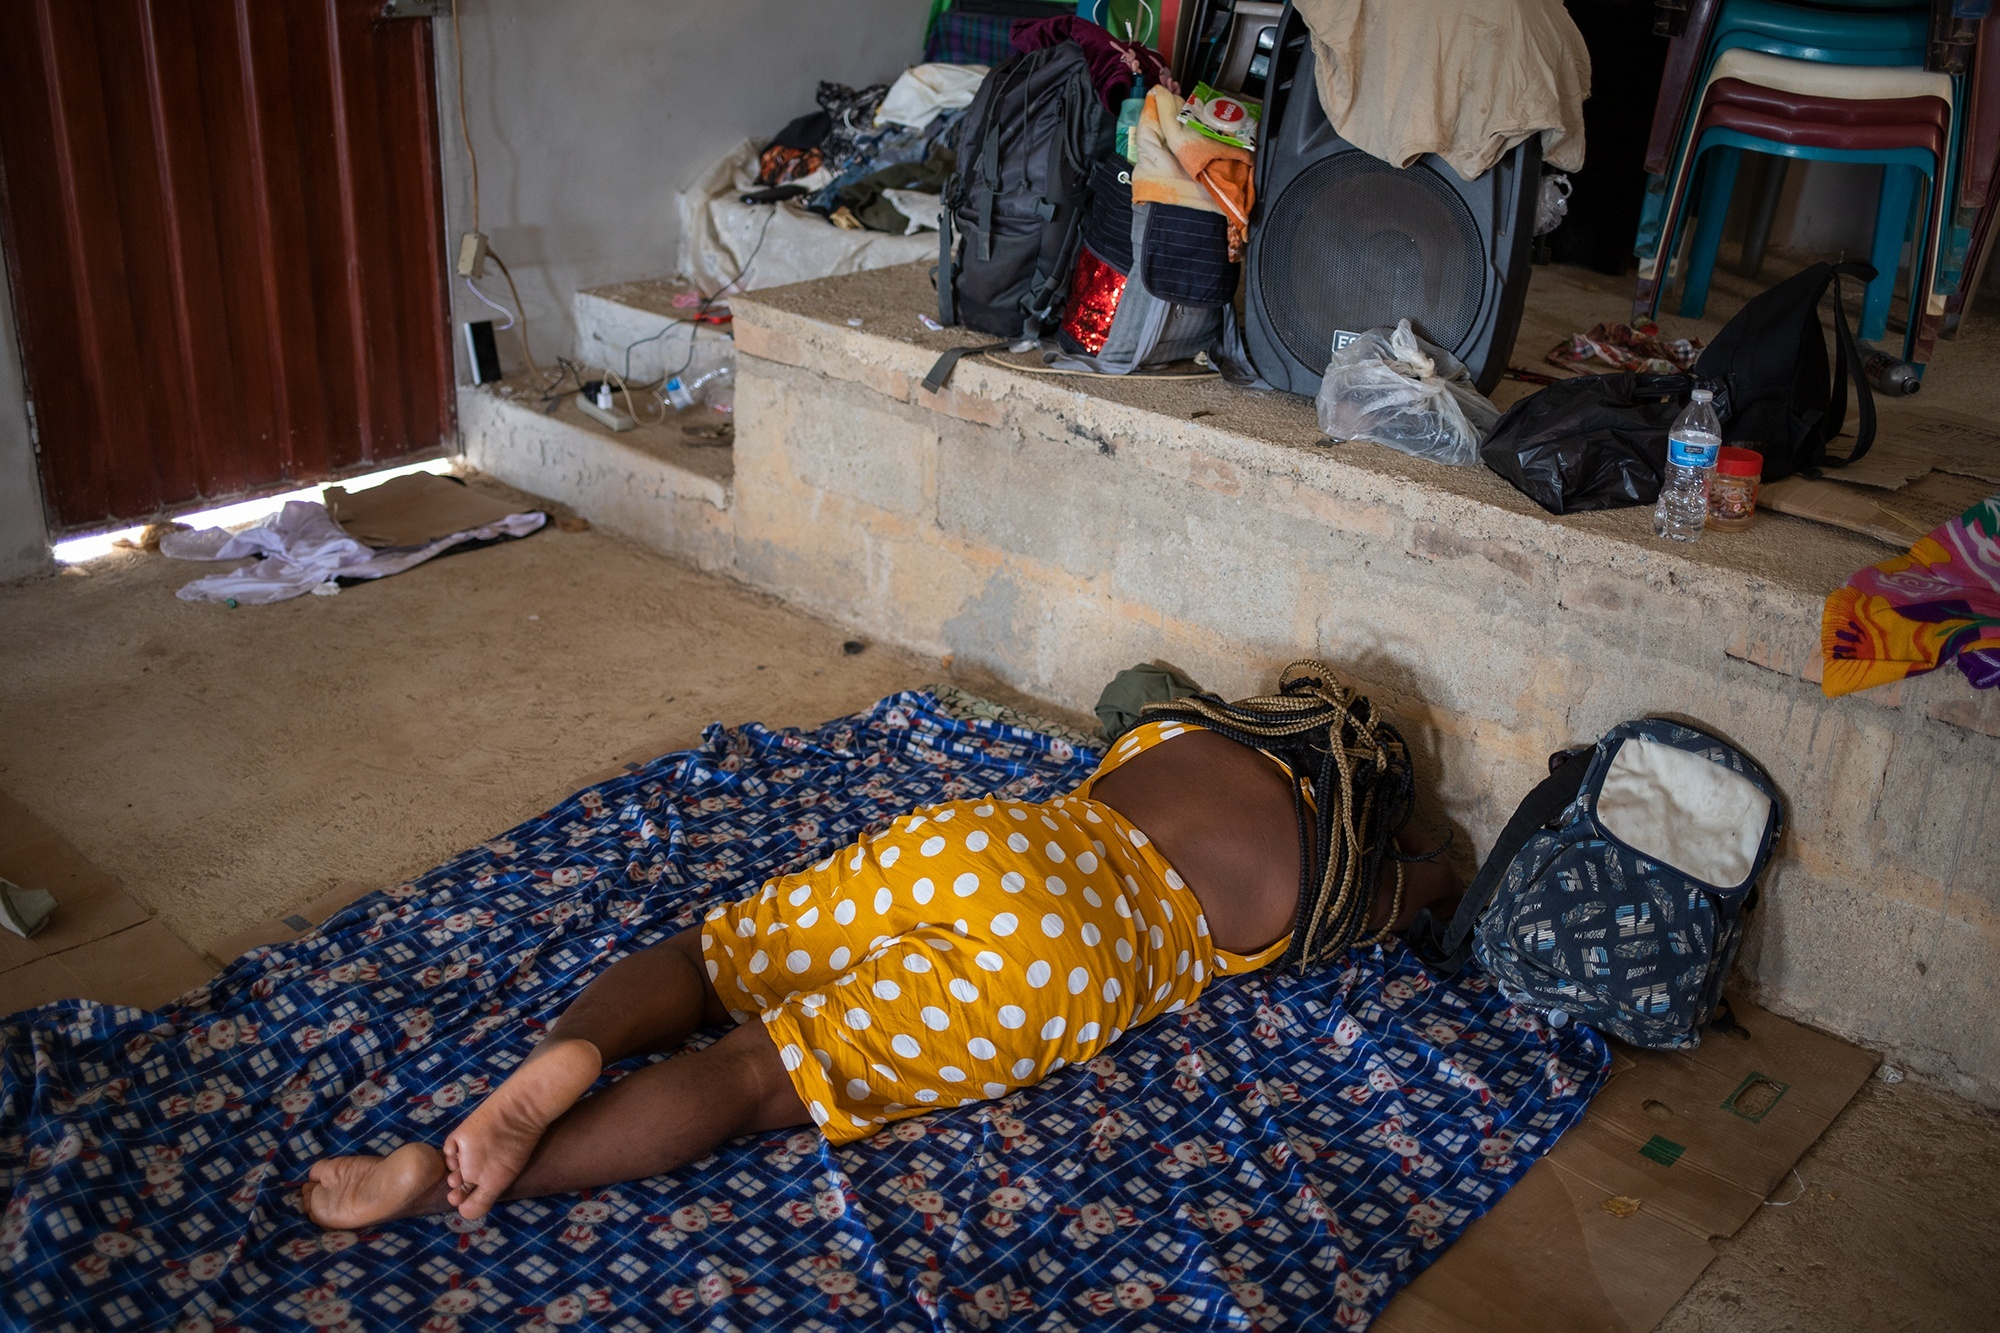 Una mujer migrante haitiana descansa en una colchoneta dentro de una iglesia que ha sido convertida en albergue. Trójes, El Paraíso, 22 de abril de 2021. Foto: Martín Cálix.